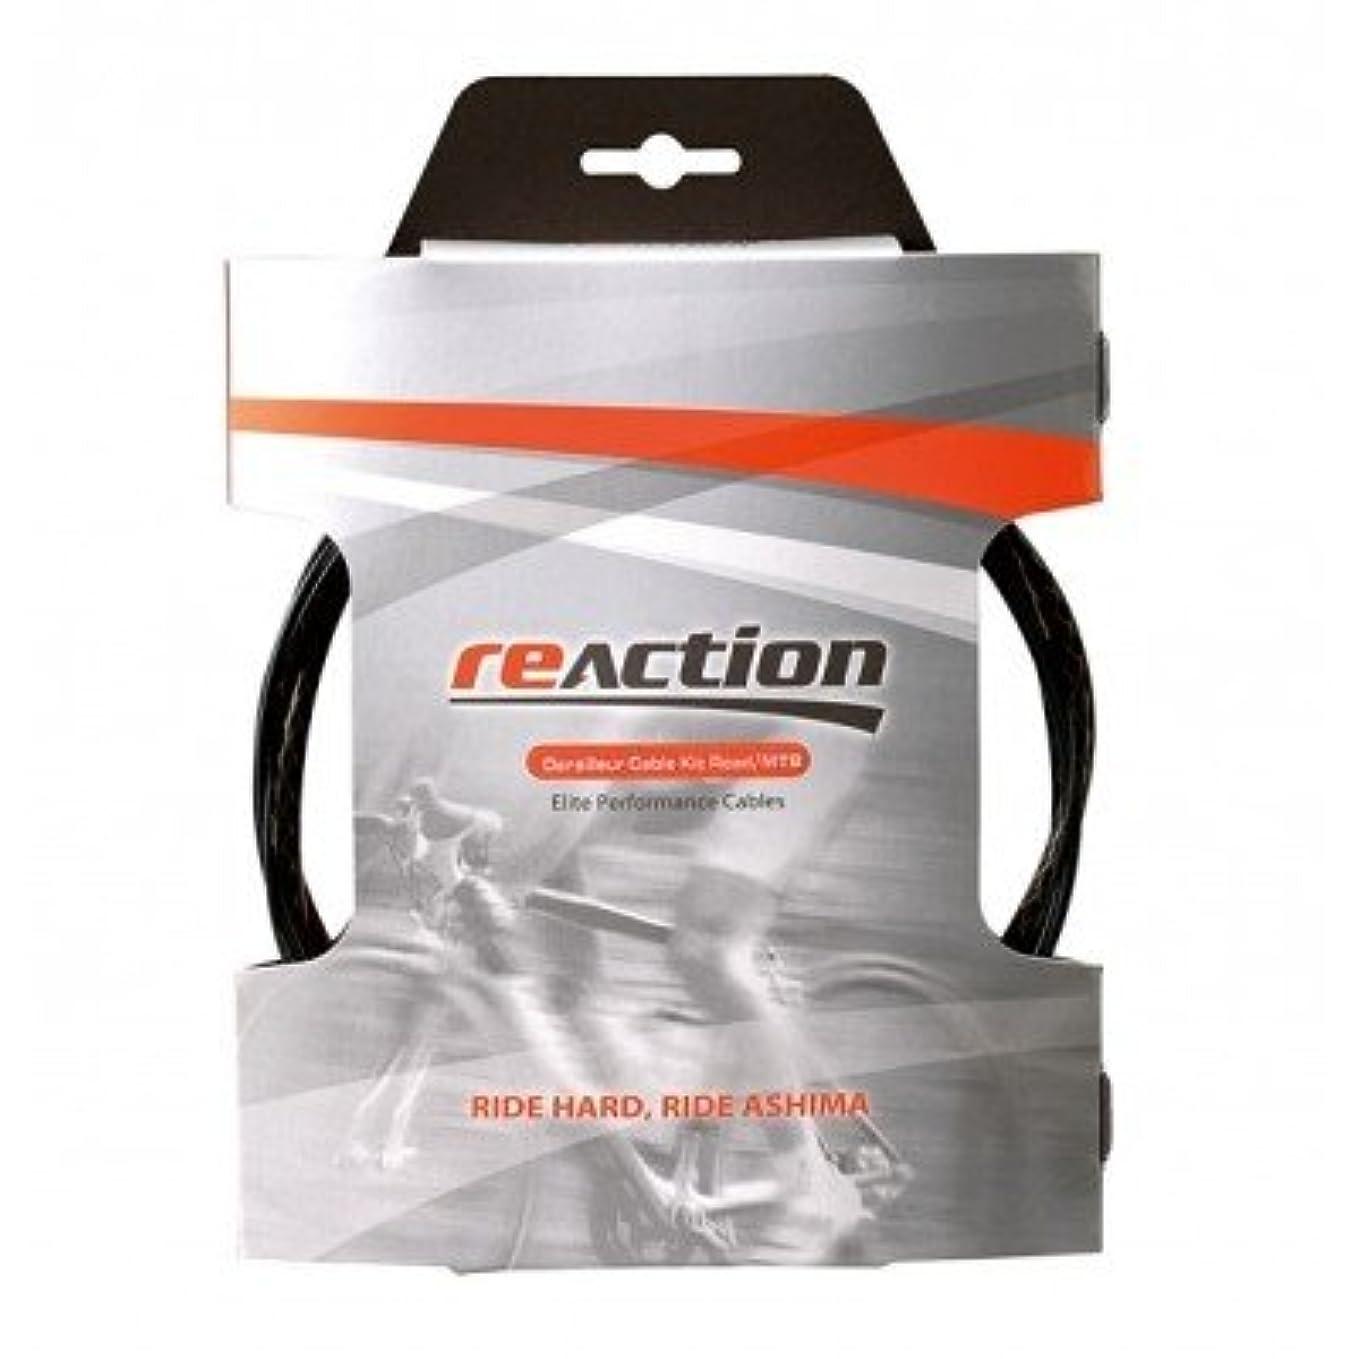 警告するパワーセル栄養(アシマ/ASHIMA)(自転車用シフターケーブル)ブレーキケーブルキット Reaction ROAD用 (タイプ) シマノ用 (カラー) 黒